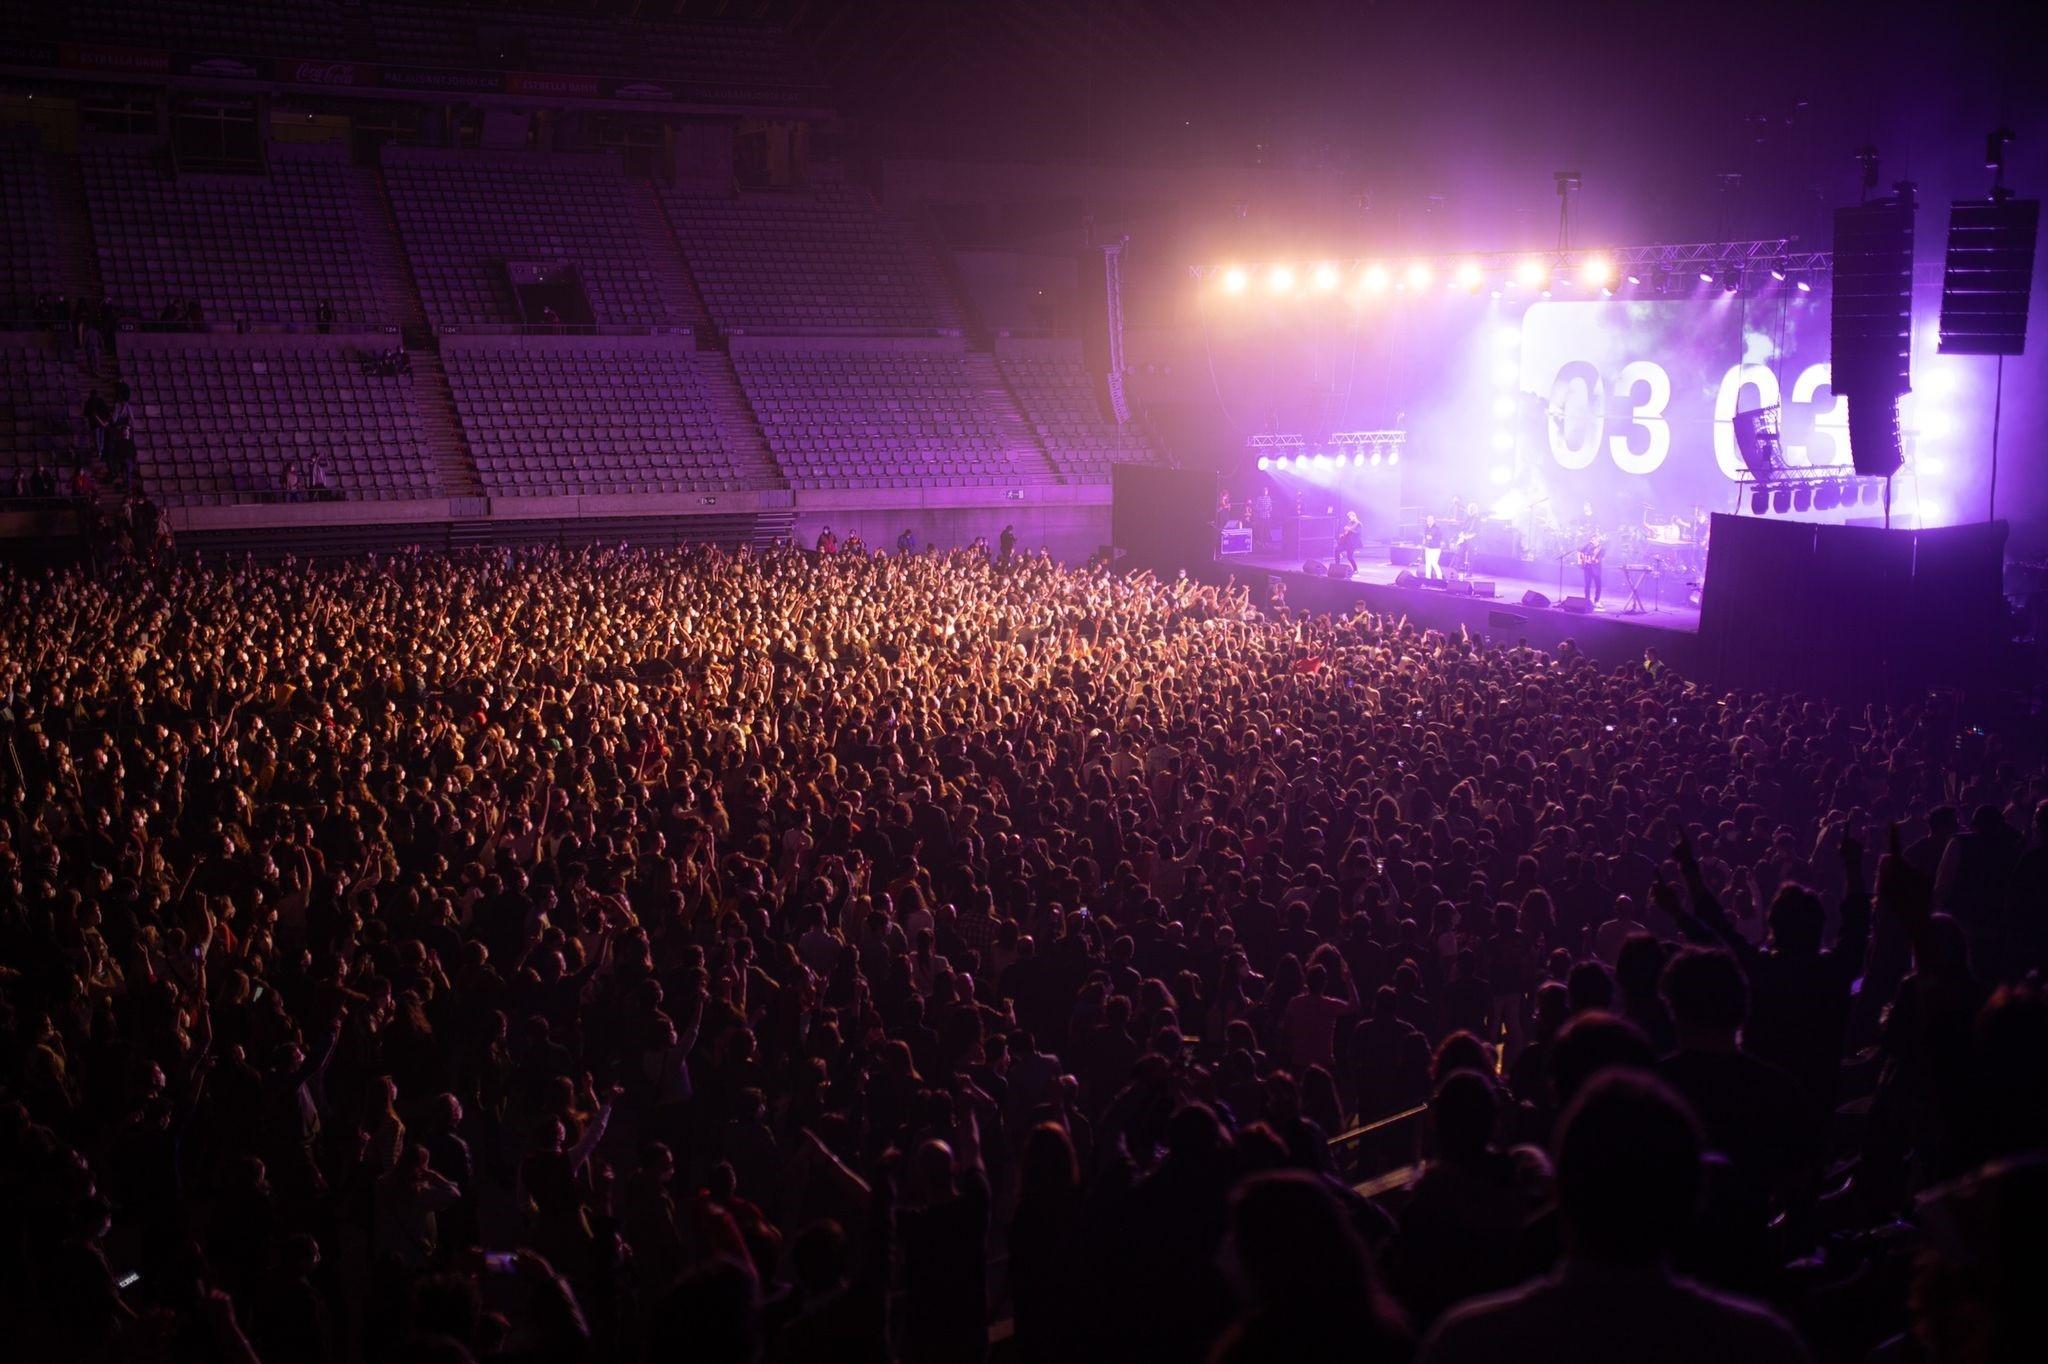 concierto-lol-sant-jordi-270321.jpg